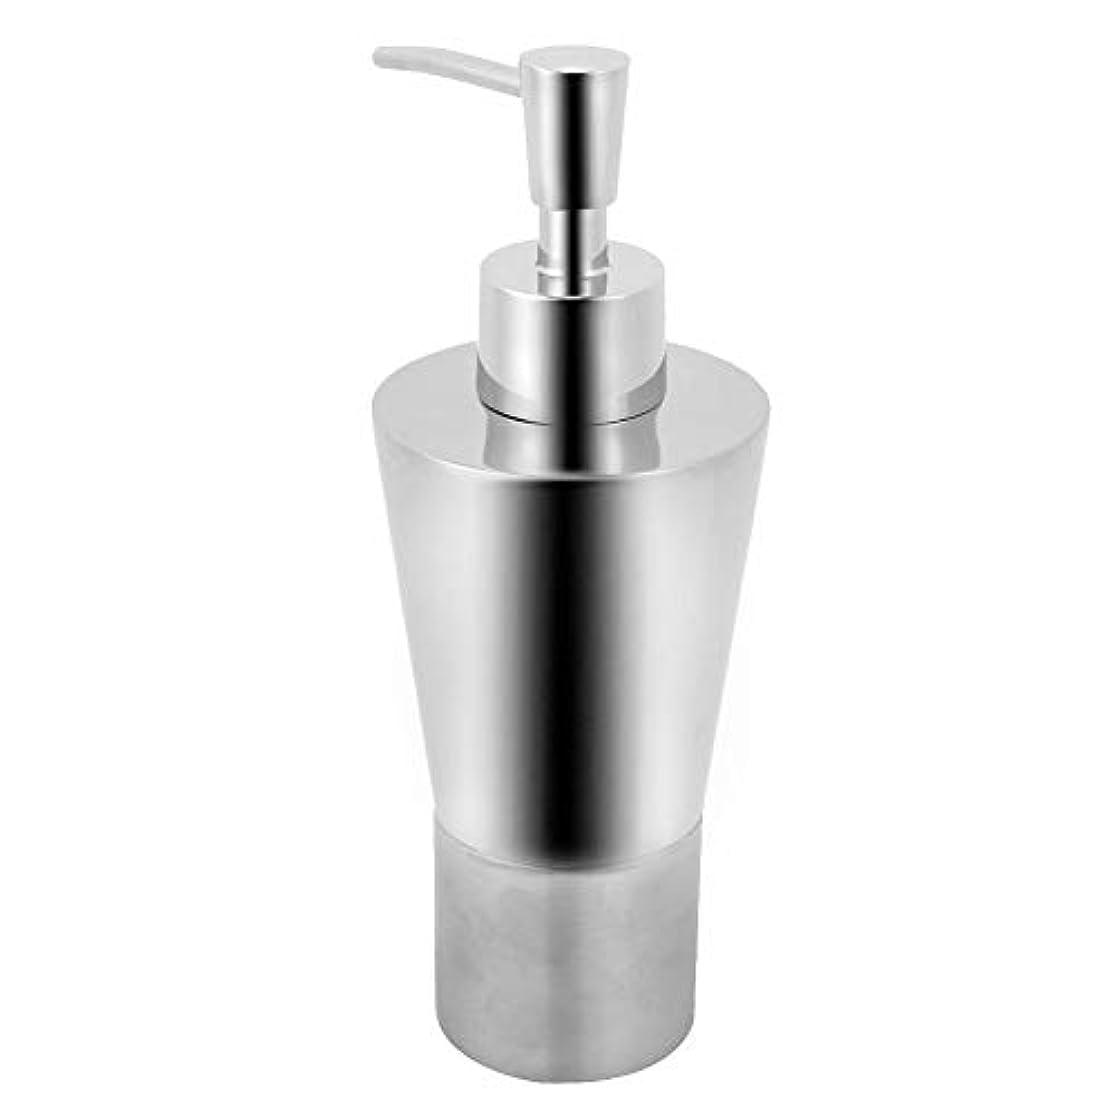 民主党アリ男らしいdootiディスペンサー 詰め替え ハンドソープ 洗剤ボトル ステンレス 耐久性 防水 防錆 多種類のソープ液体に適用